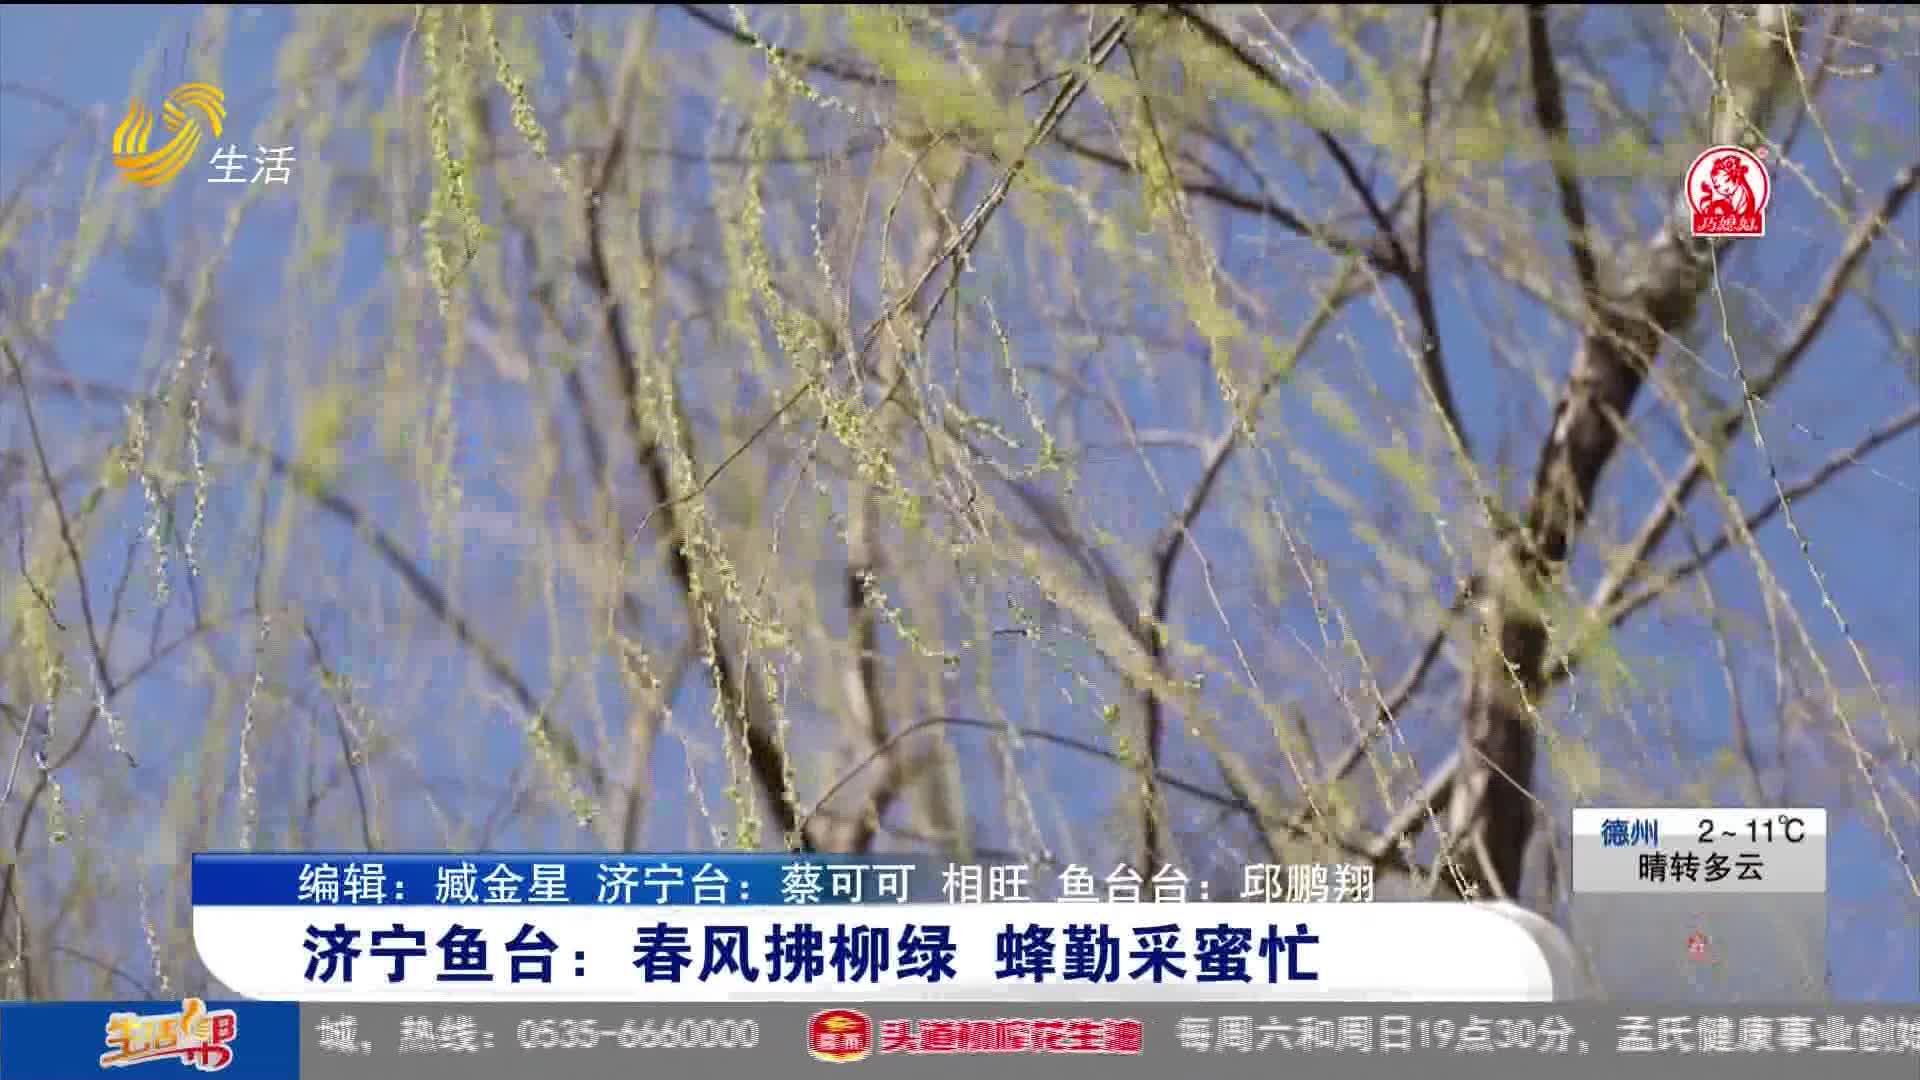 济宁鱼台:春风拂柳绿 蜂勤采蜜忙